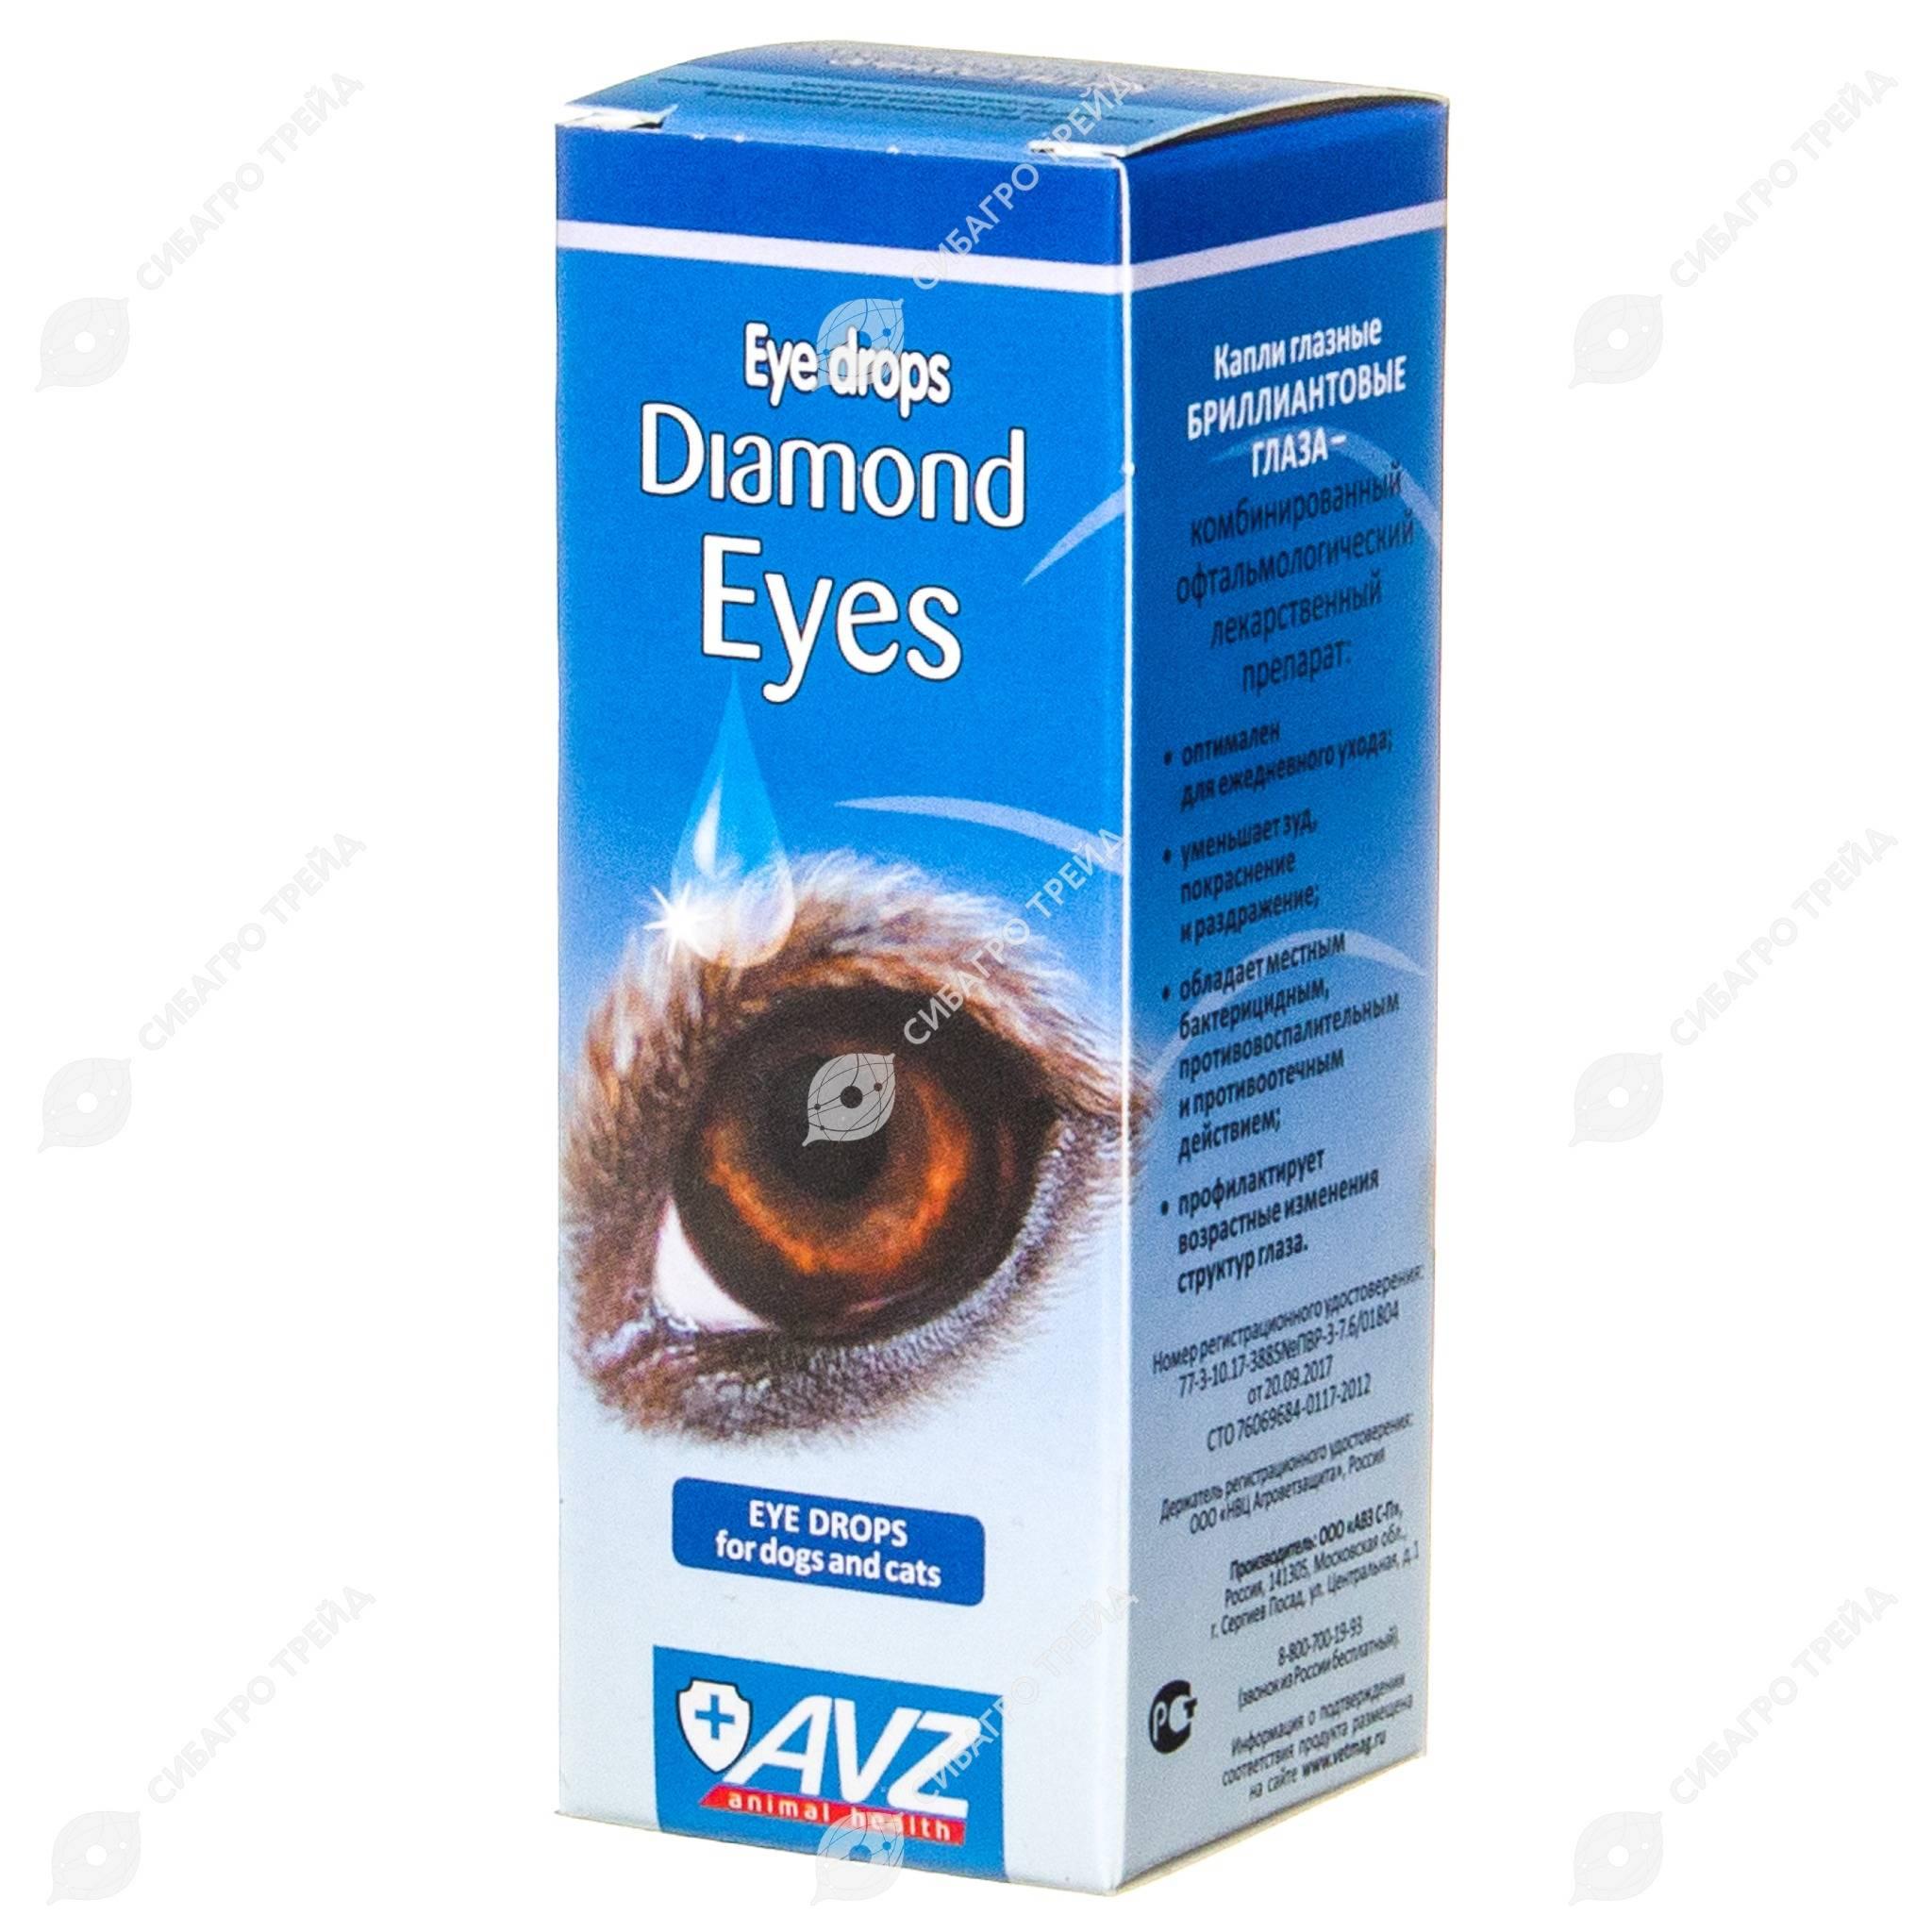 Бриллиантовые глаза - капли для собак: инструкция, отзывы, цена